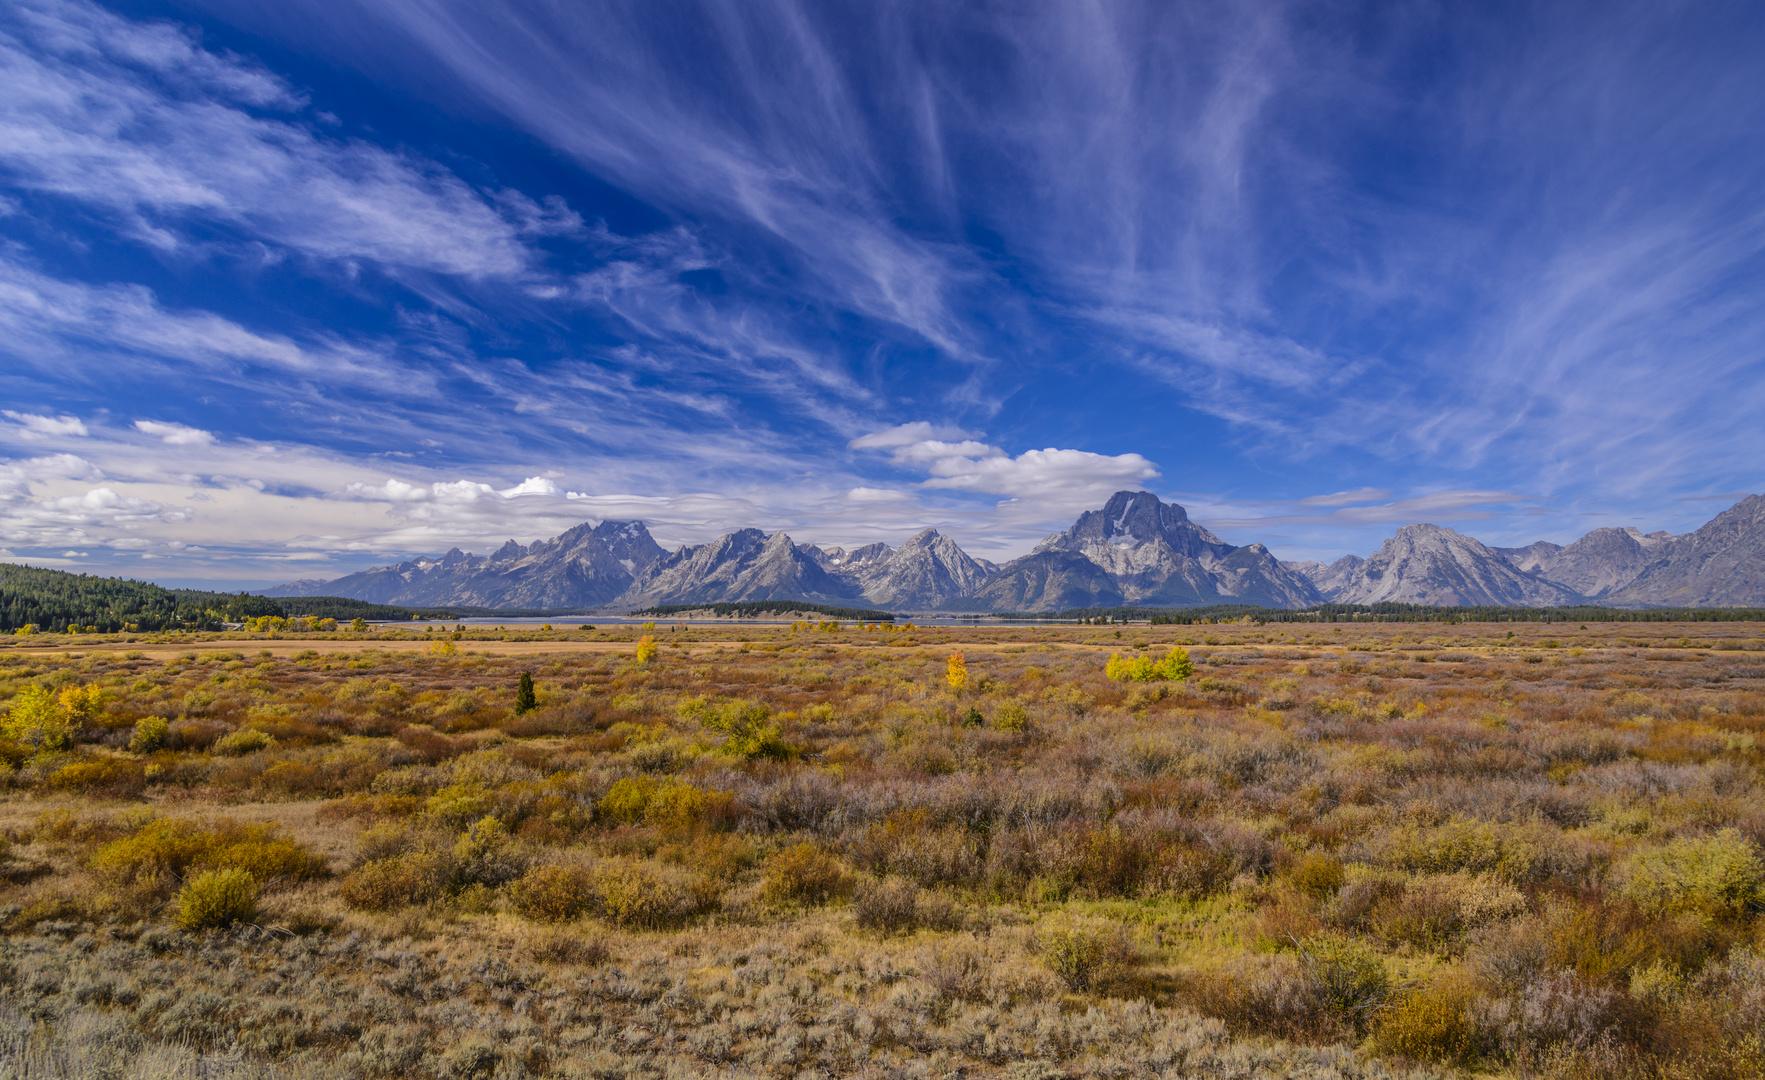 Willow Flats gegen Teton Range, Wyoming, USA